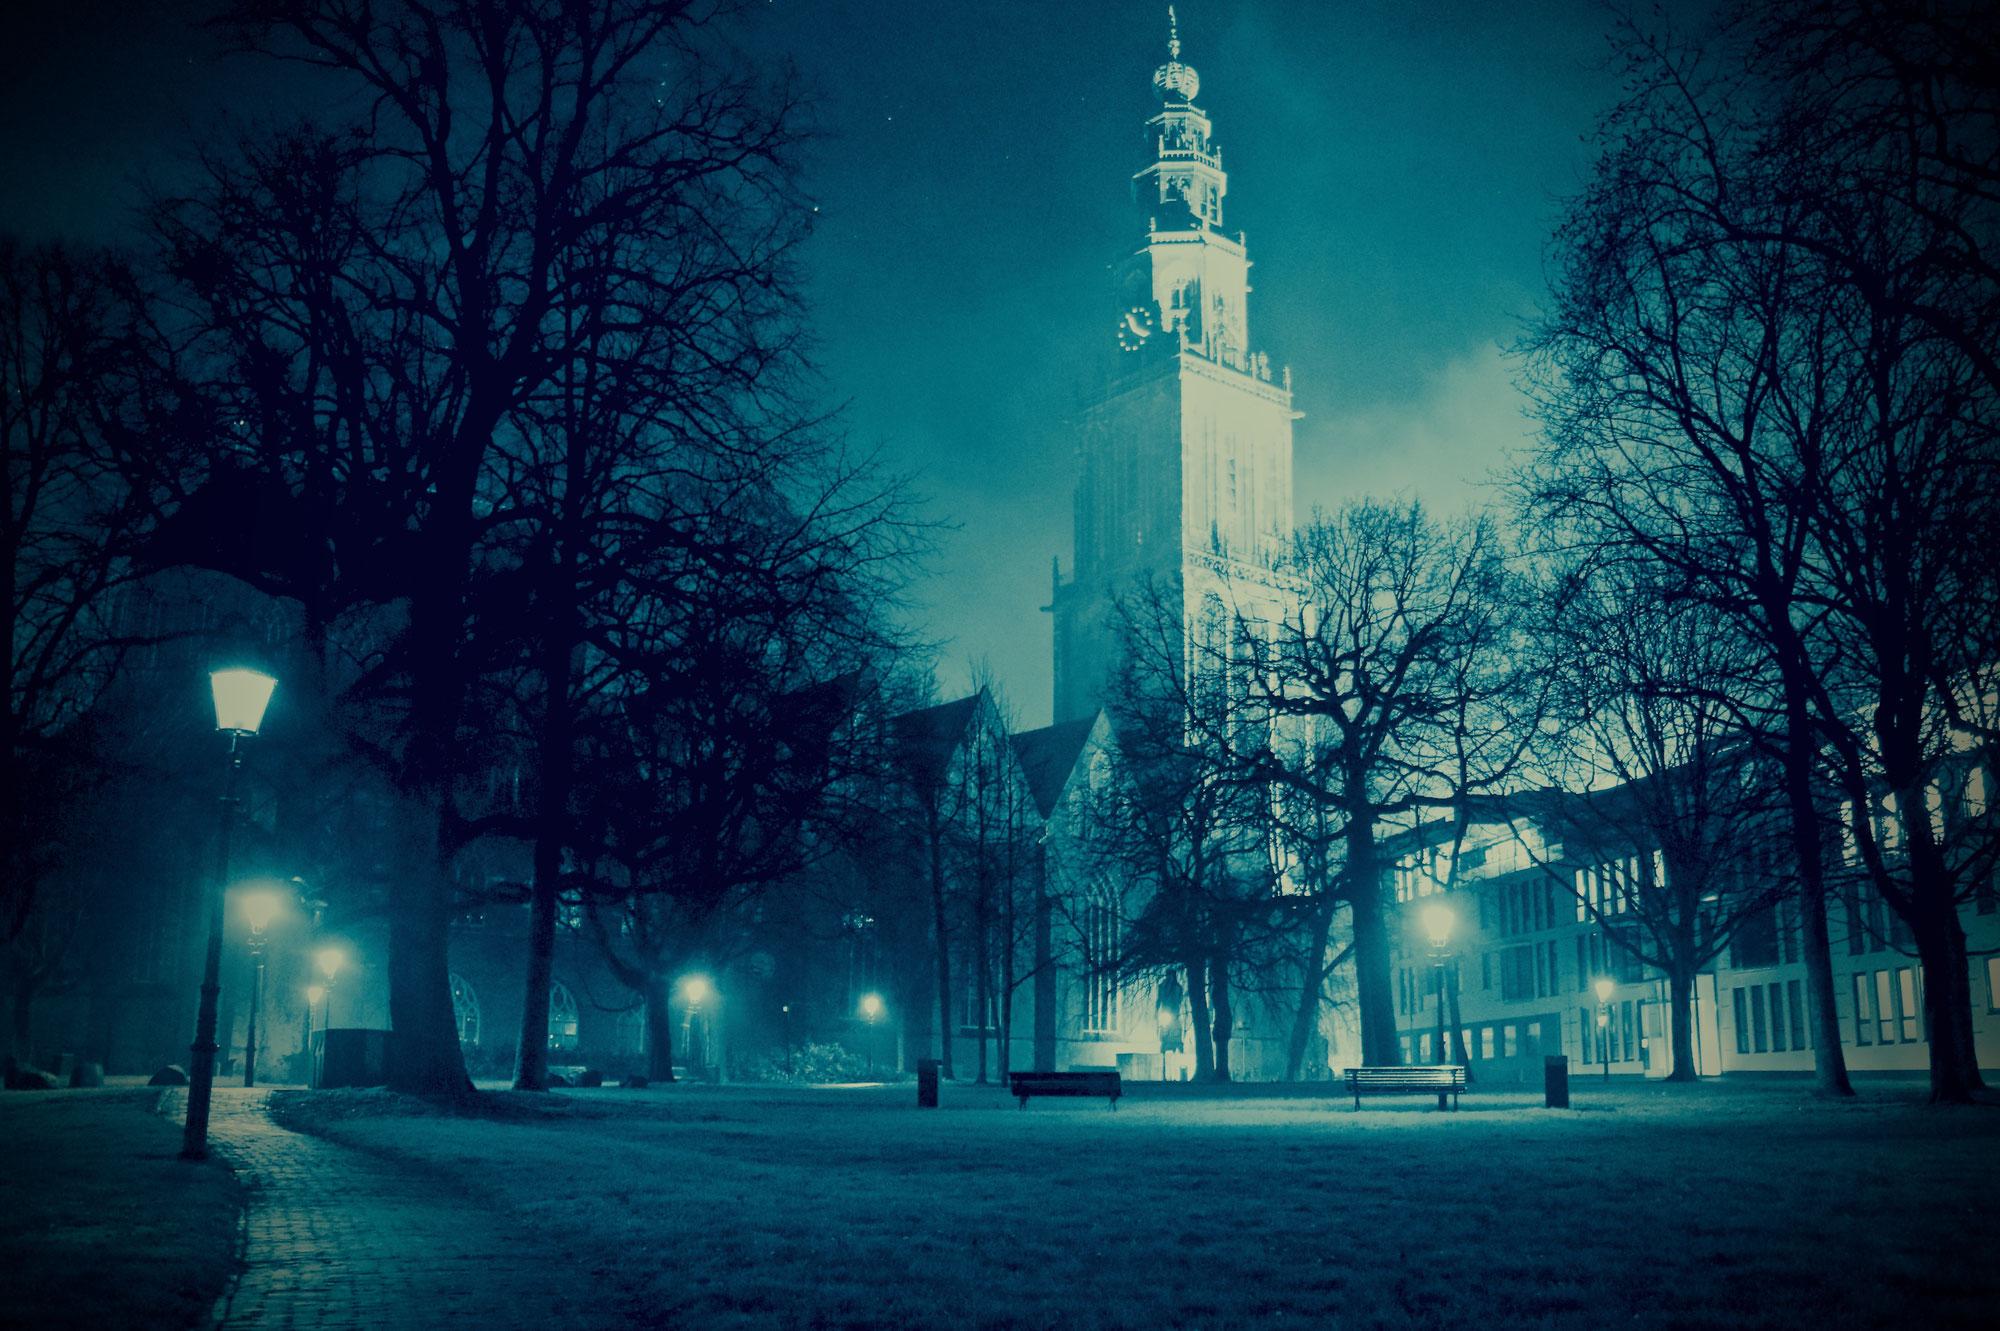 Zaterdagavond in Groningen